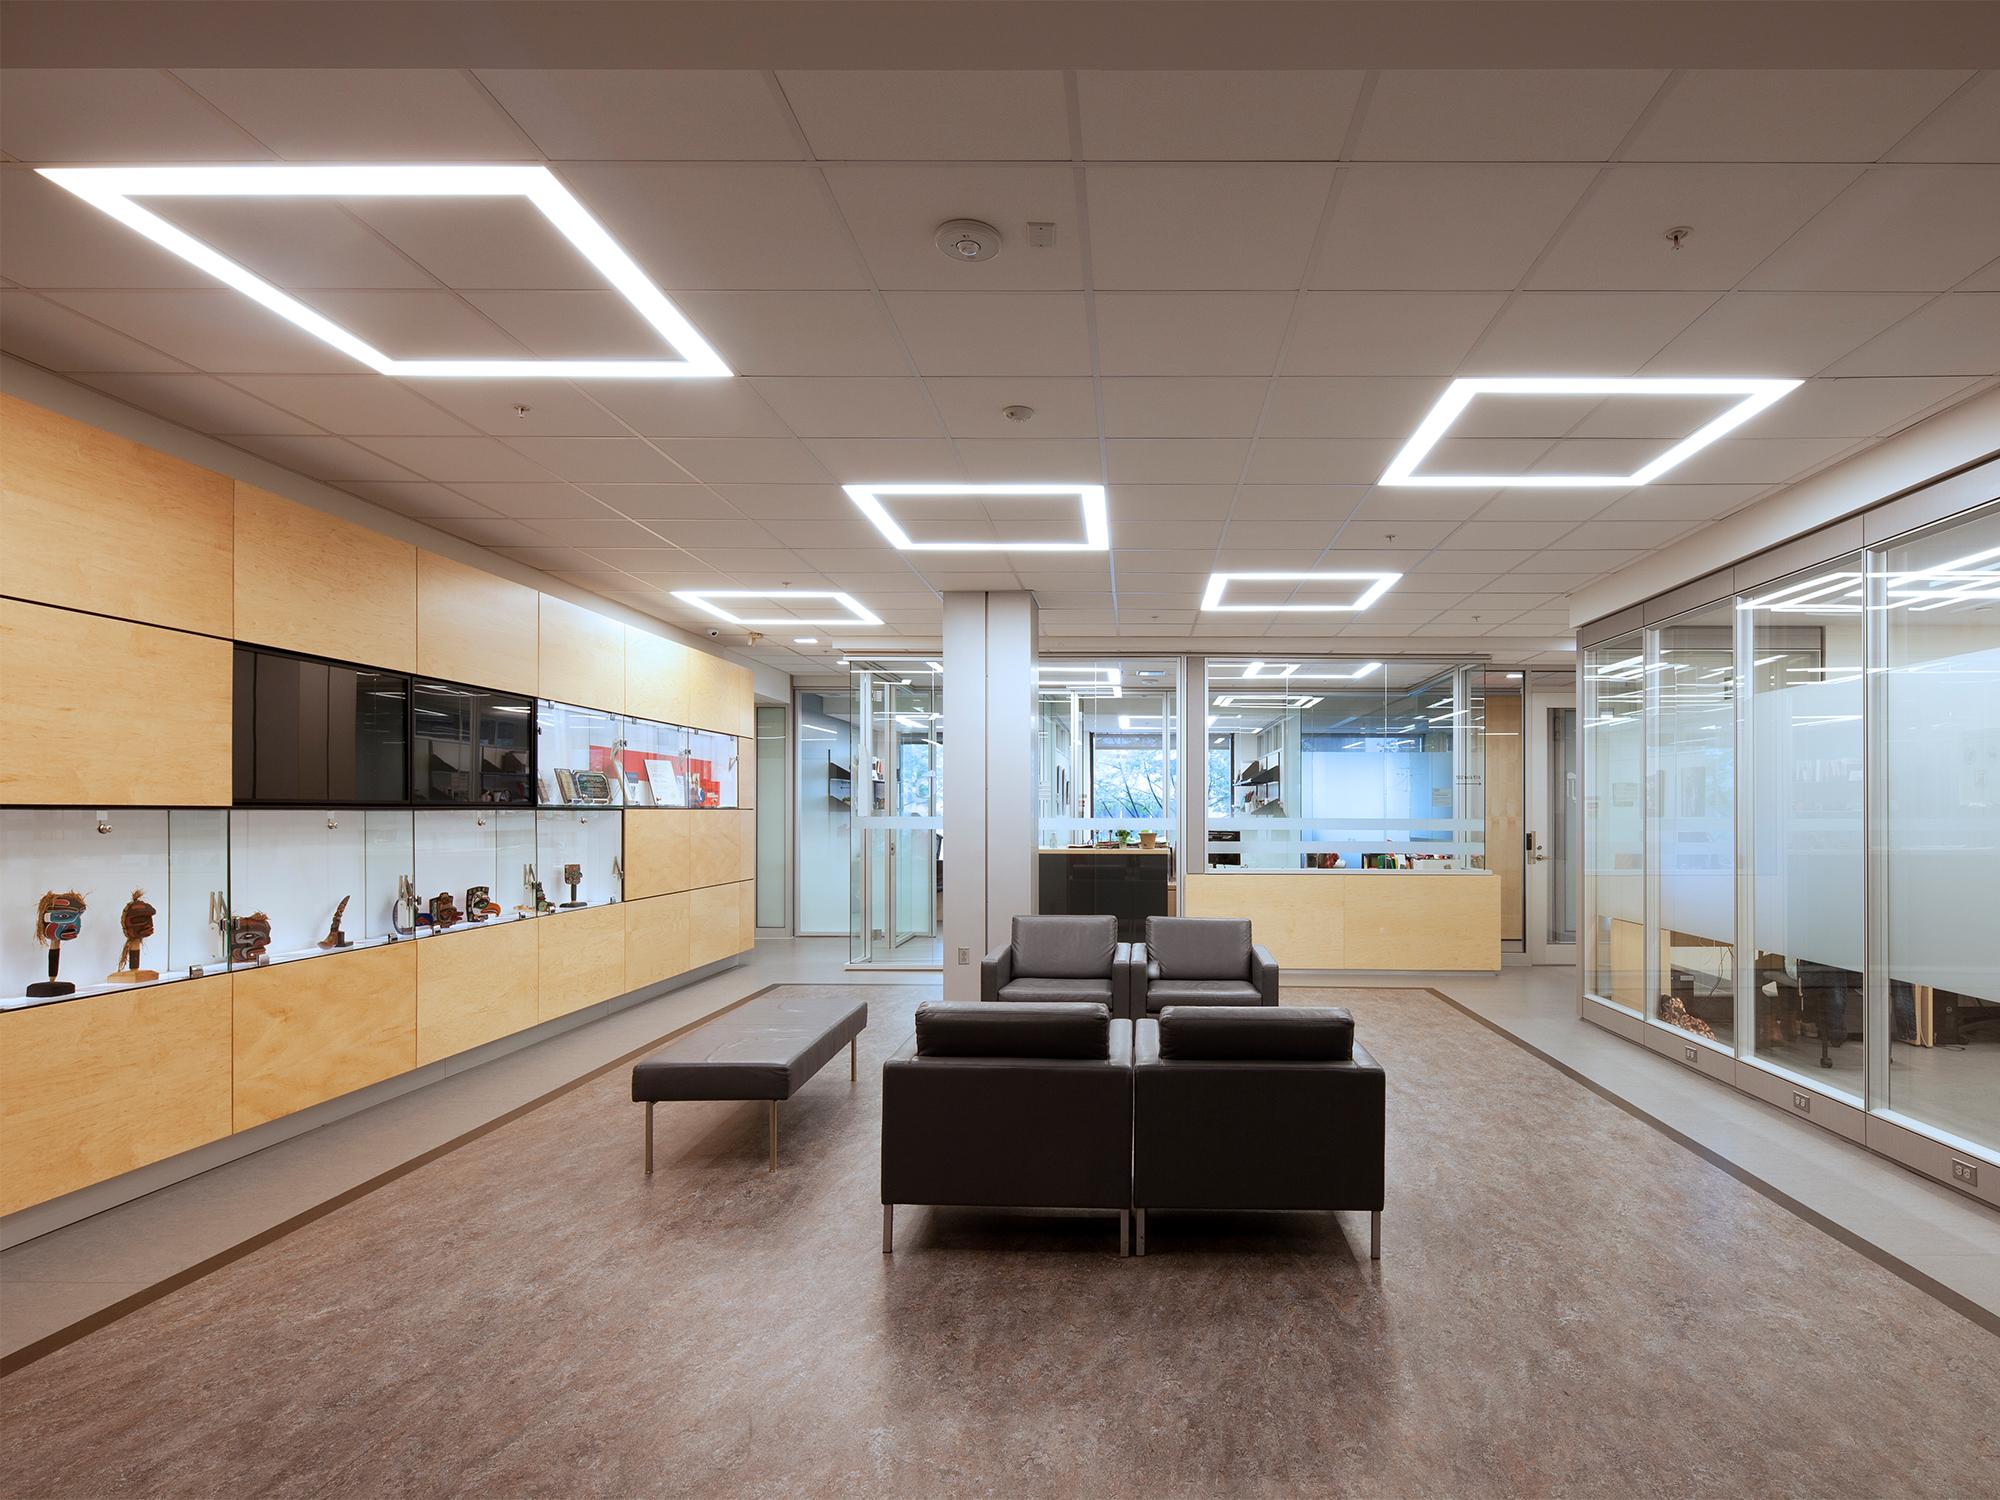 École de gestion de l'Université McGill